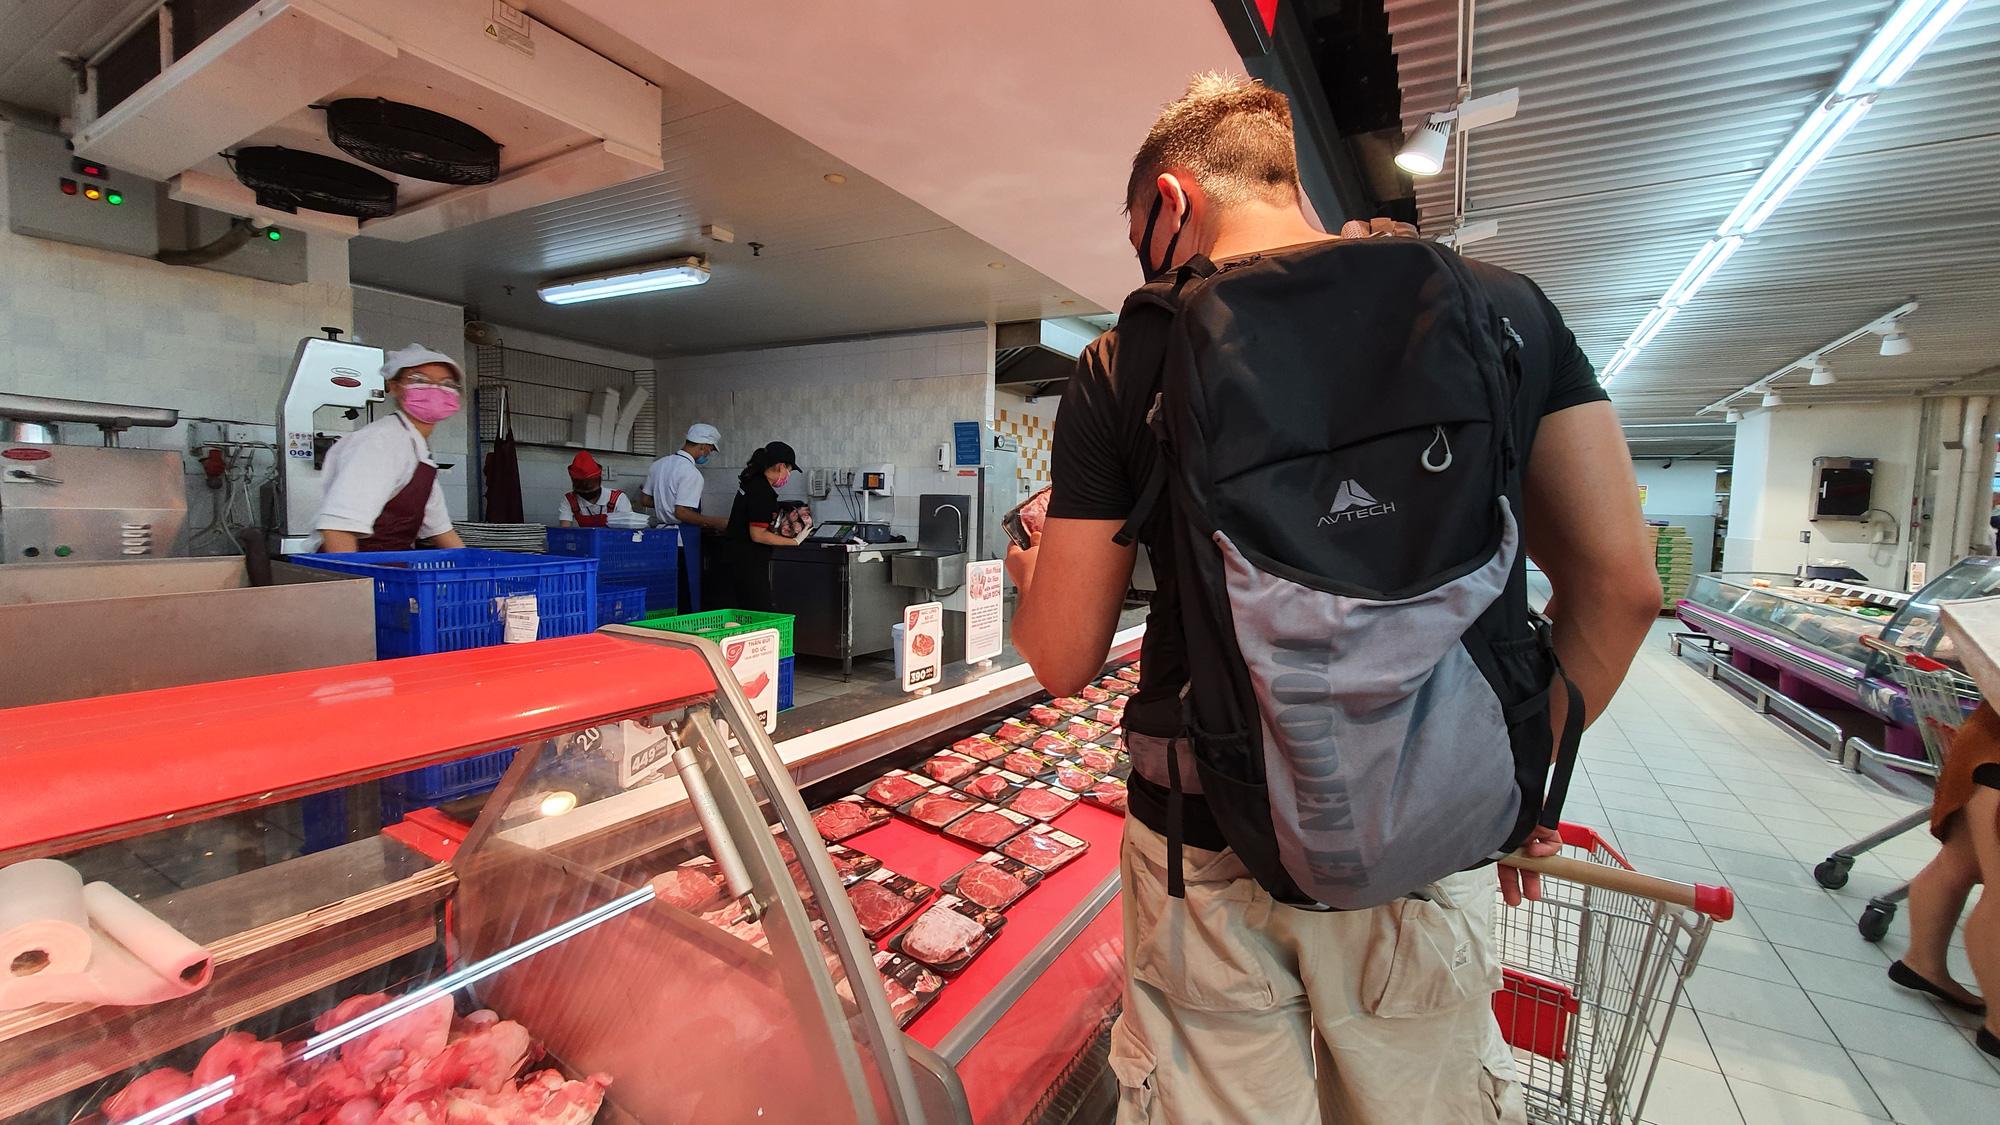 Sợ siêu thị đóng cửa, bị rủ rê… người Sài gòn kéo nhau đi mua đồ về trữ cho 14 ngày cách li xã hội - Ảnh 18.